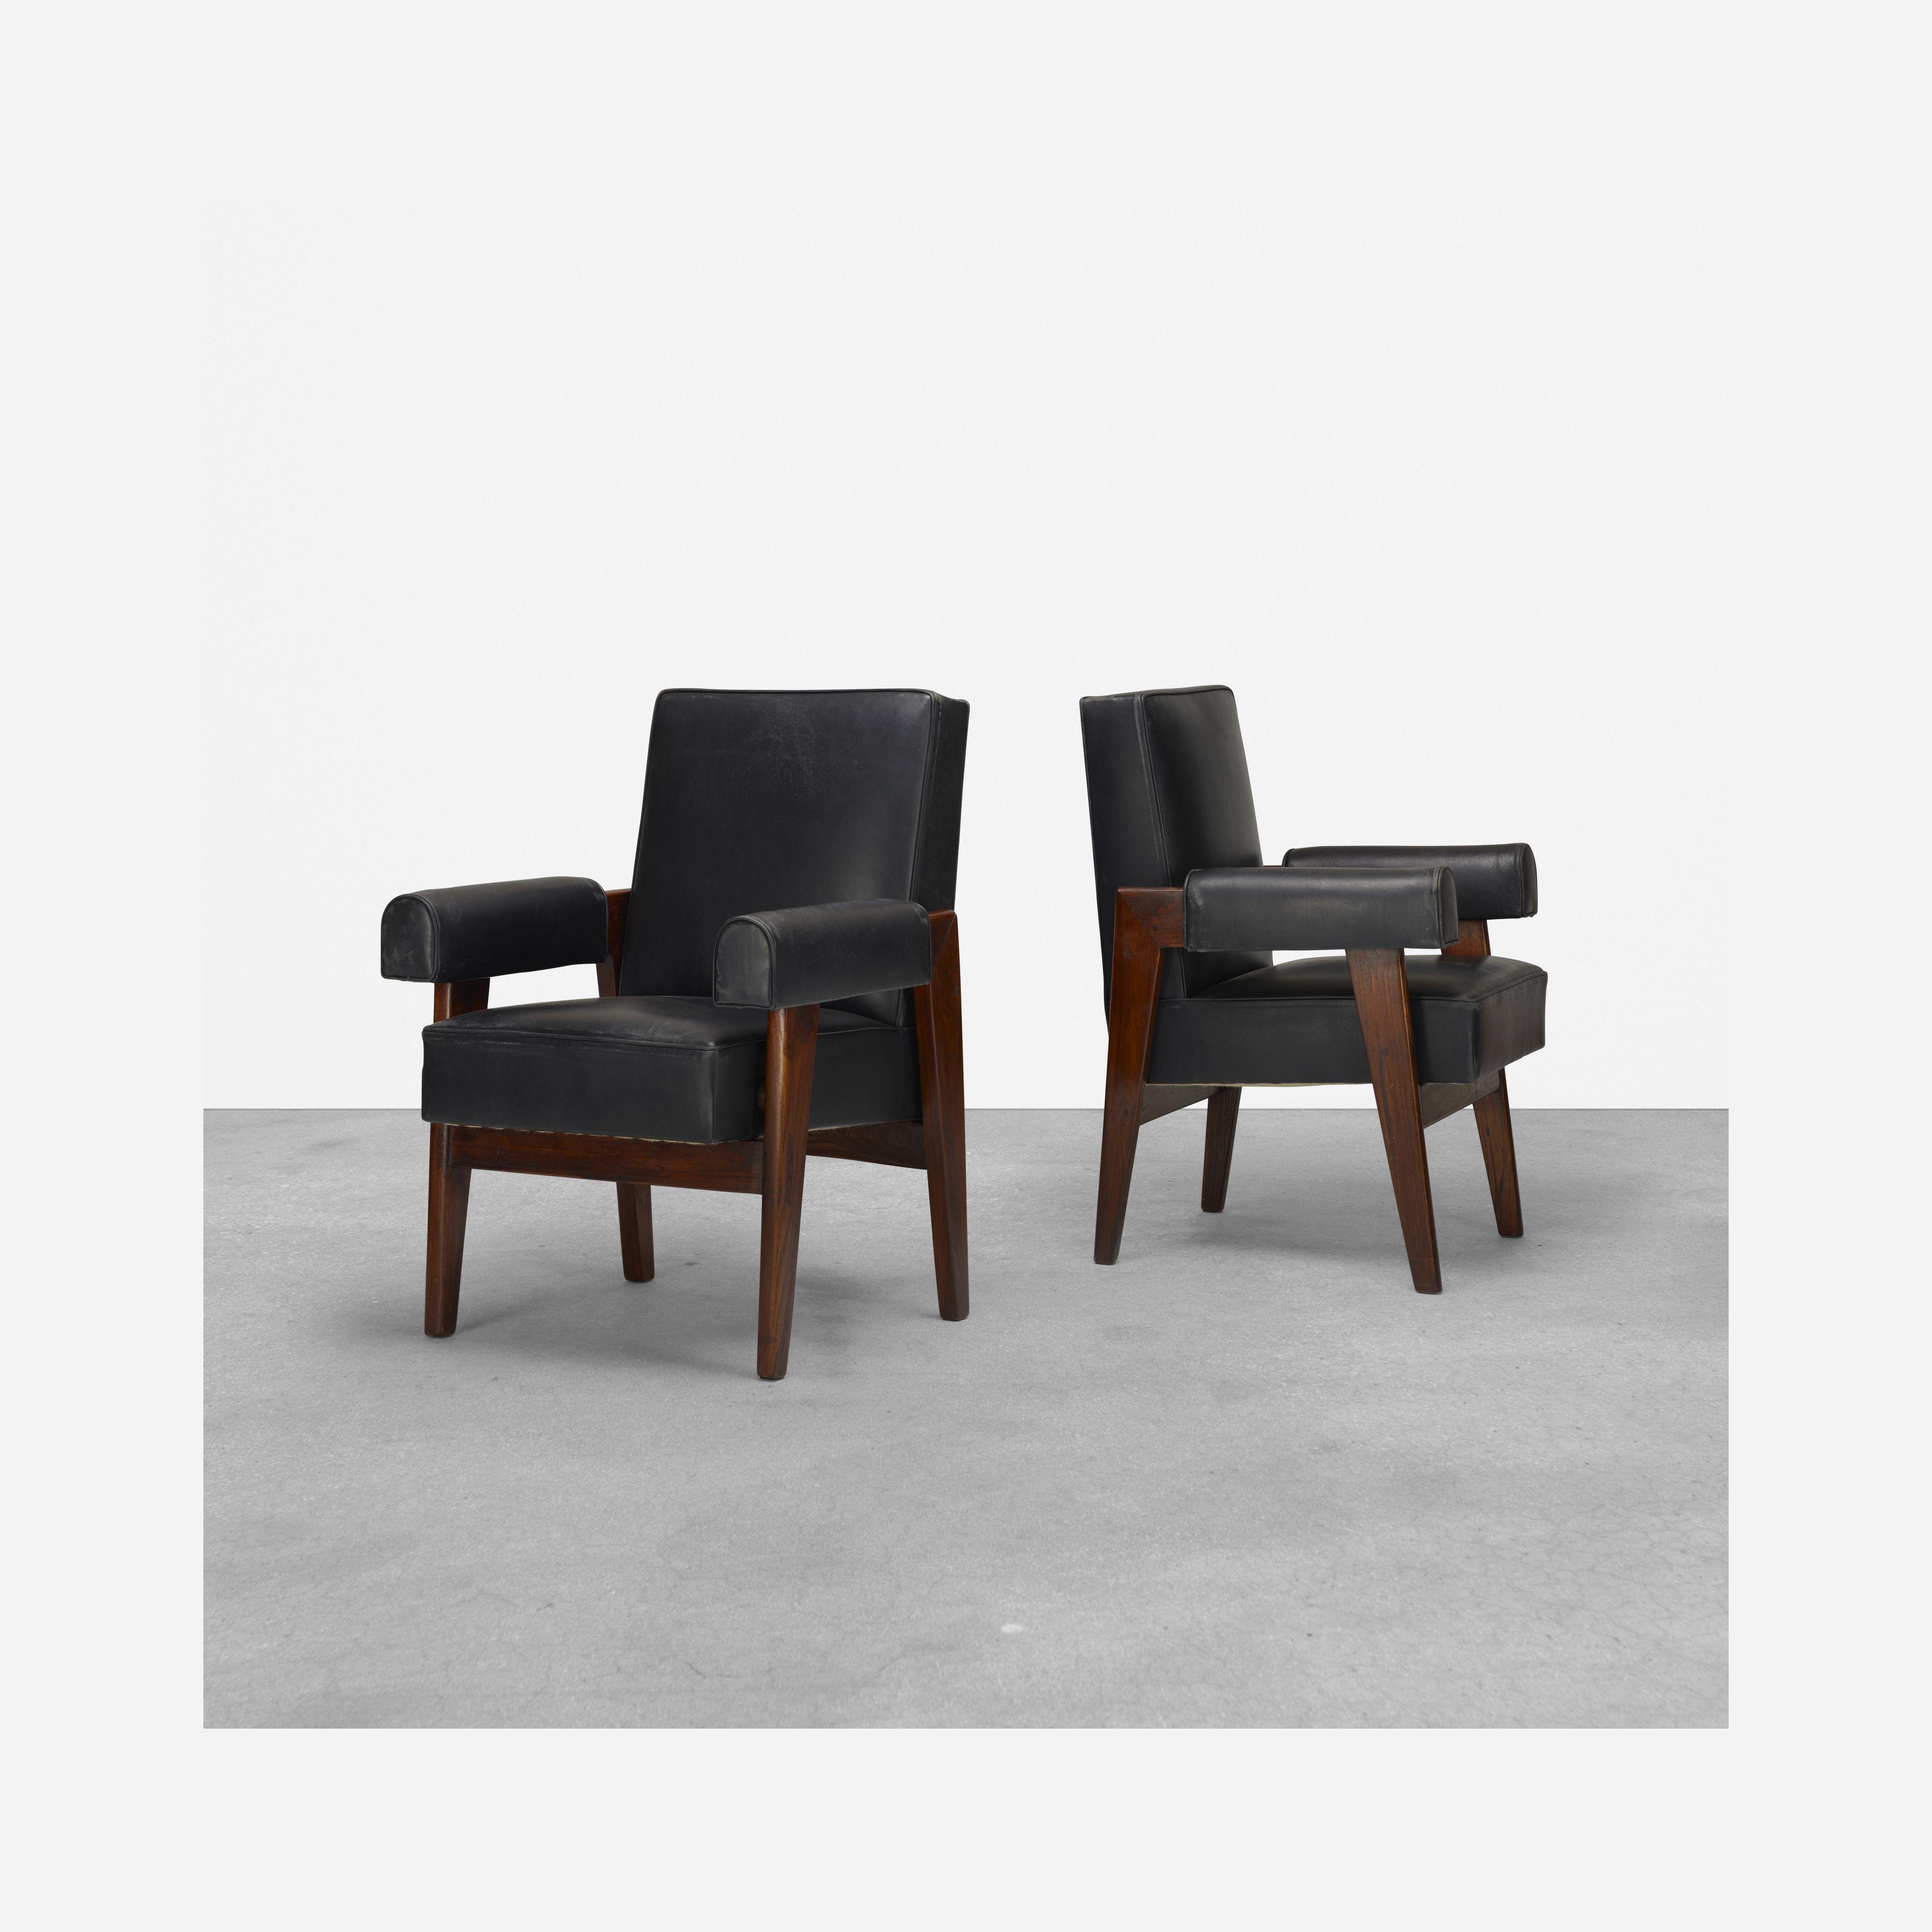 ea8090da2f862a703f8aefc1f4cbb296 Incroyable De Table Basse Le Corbusier Concept